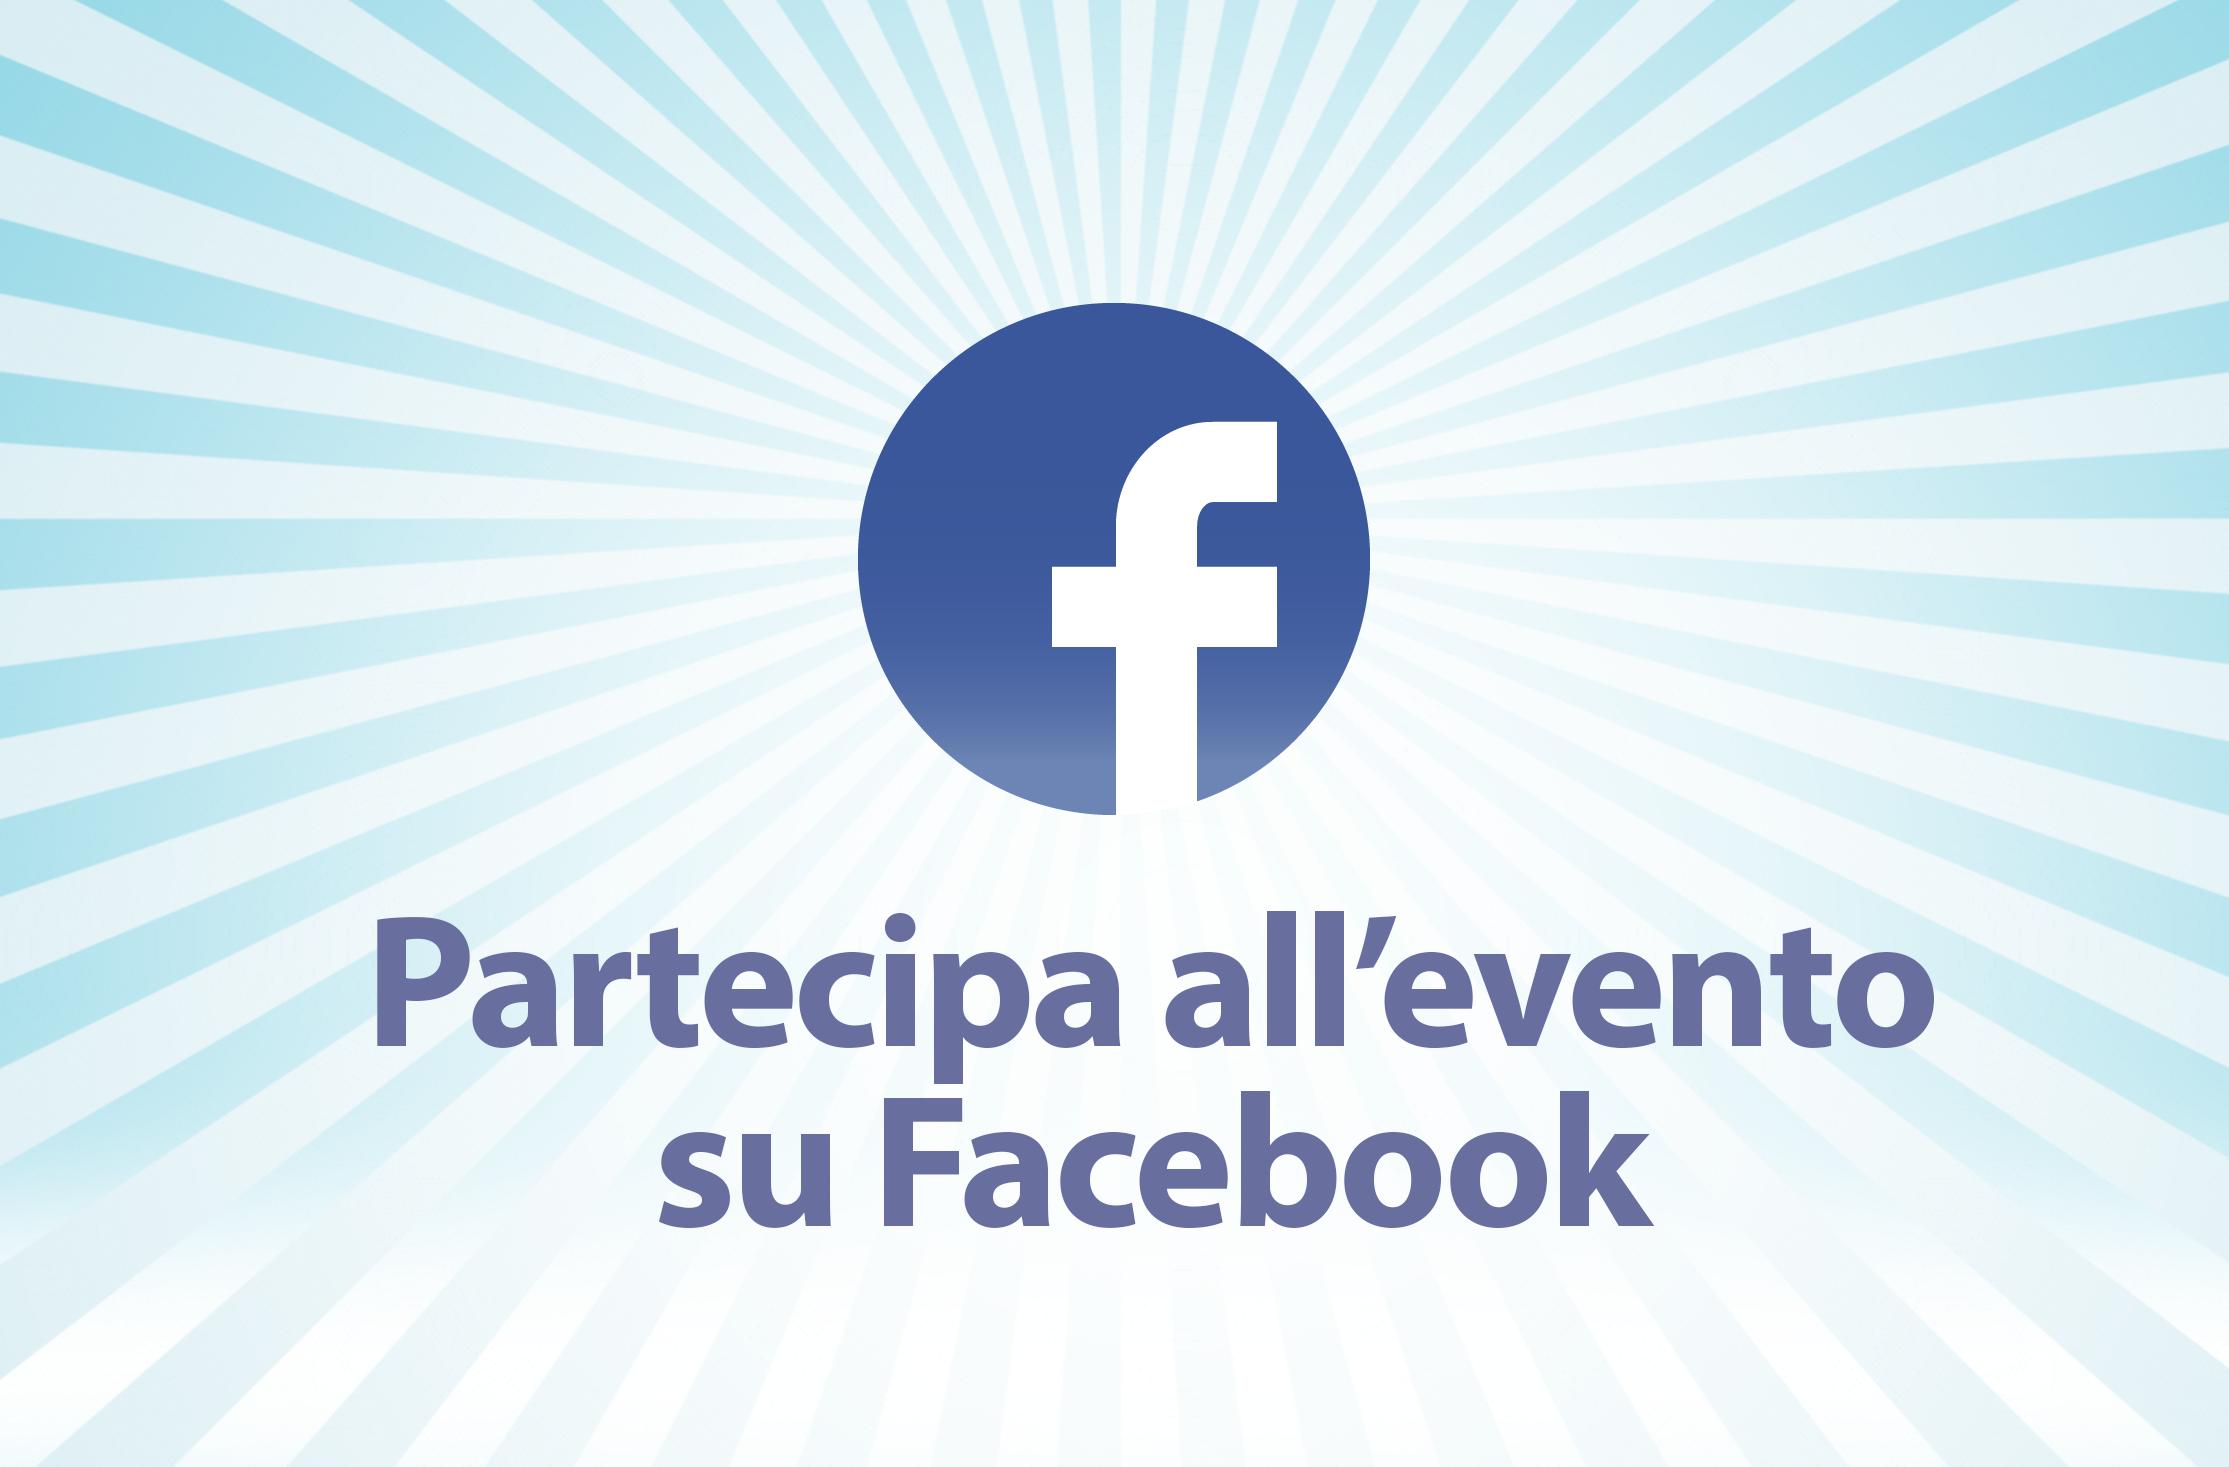 evento-su-facebook